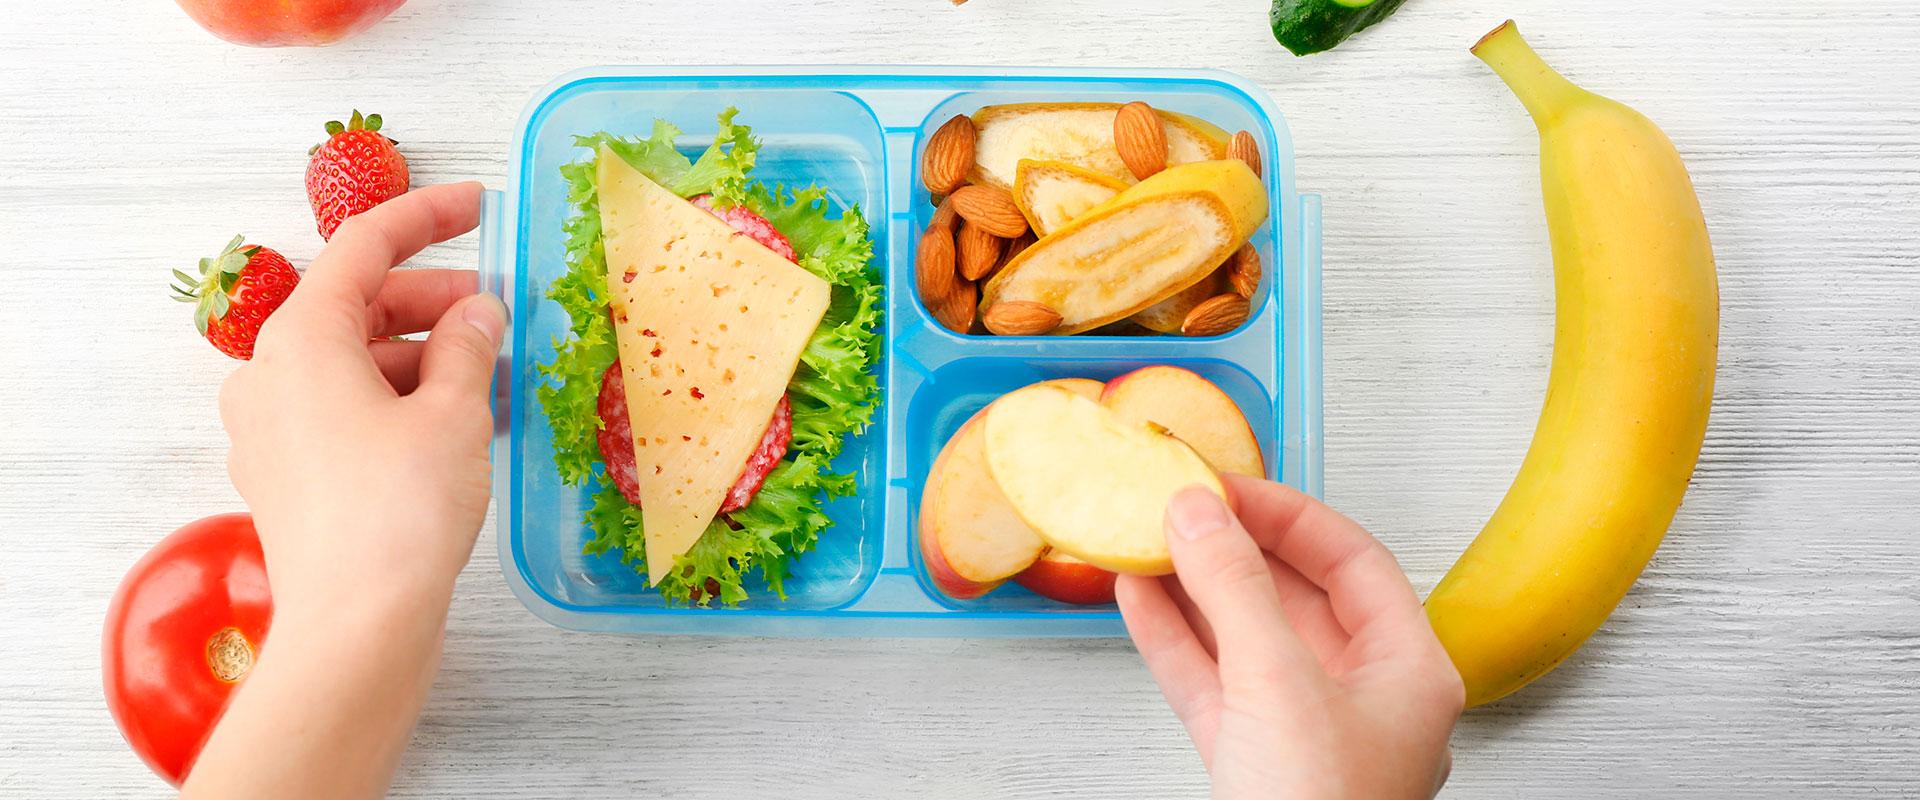 Fotografía de lunchs saludables.